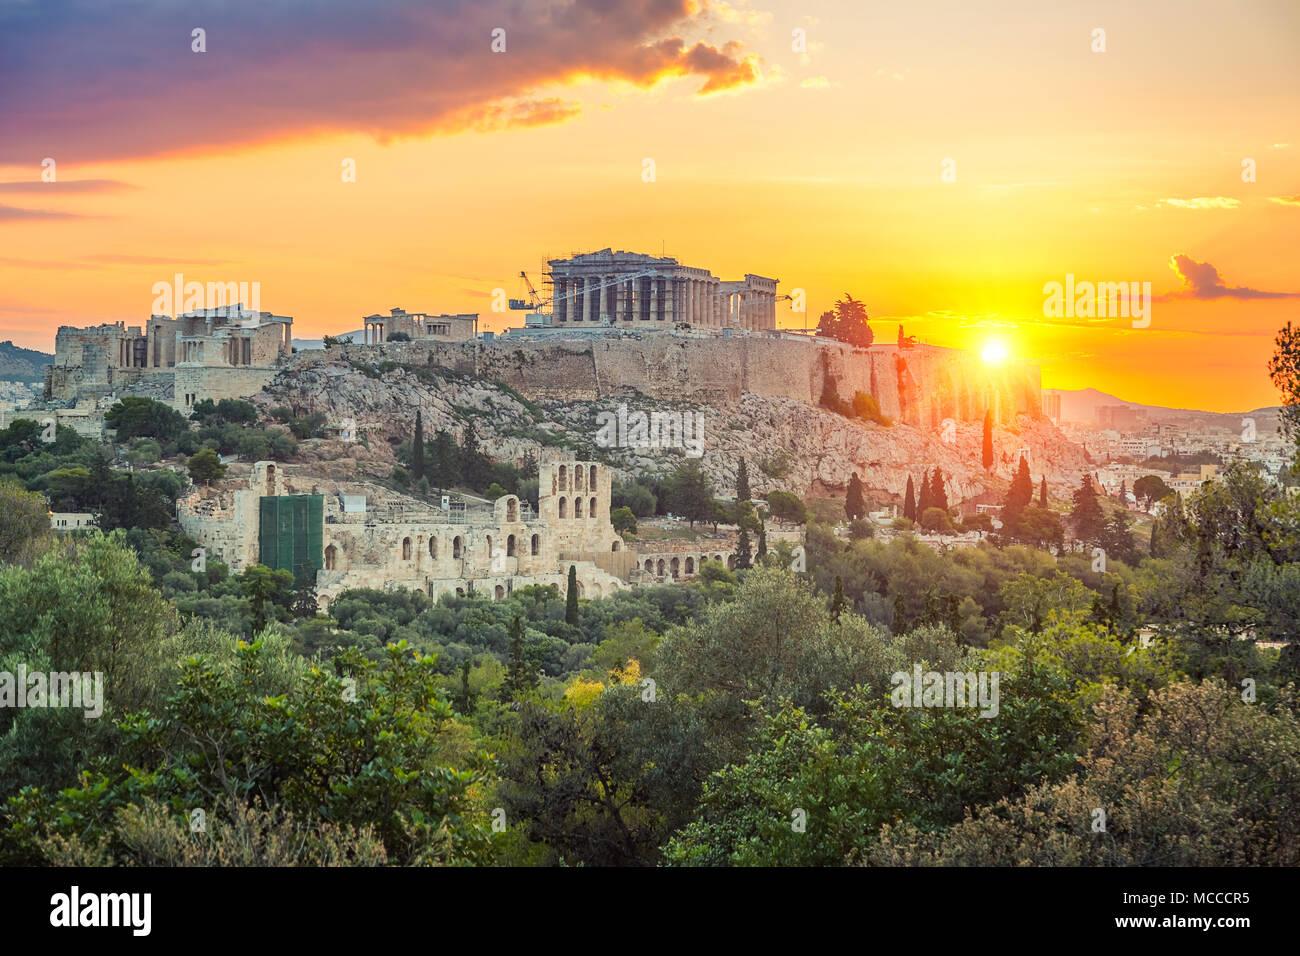 Lever de Soleil sur le Parthénon, l'acropole d'Athènes, Grèce Photo Stock